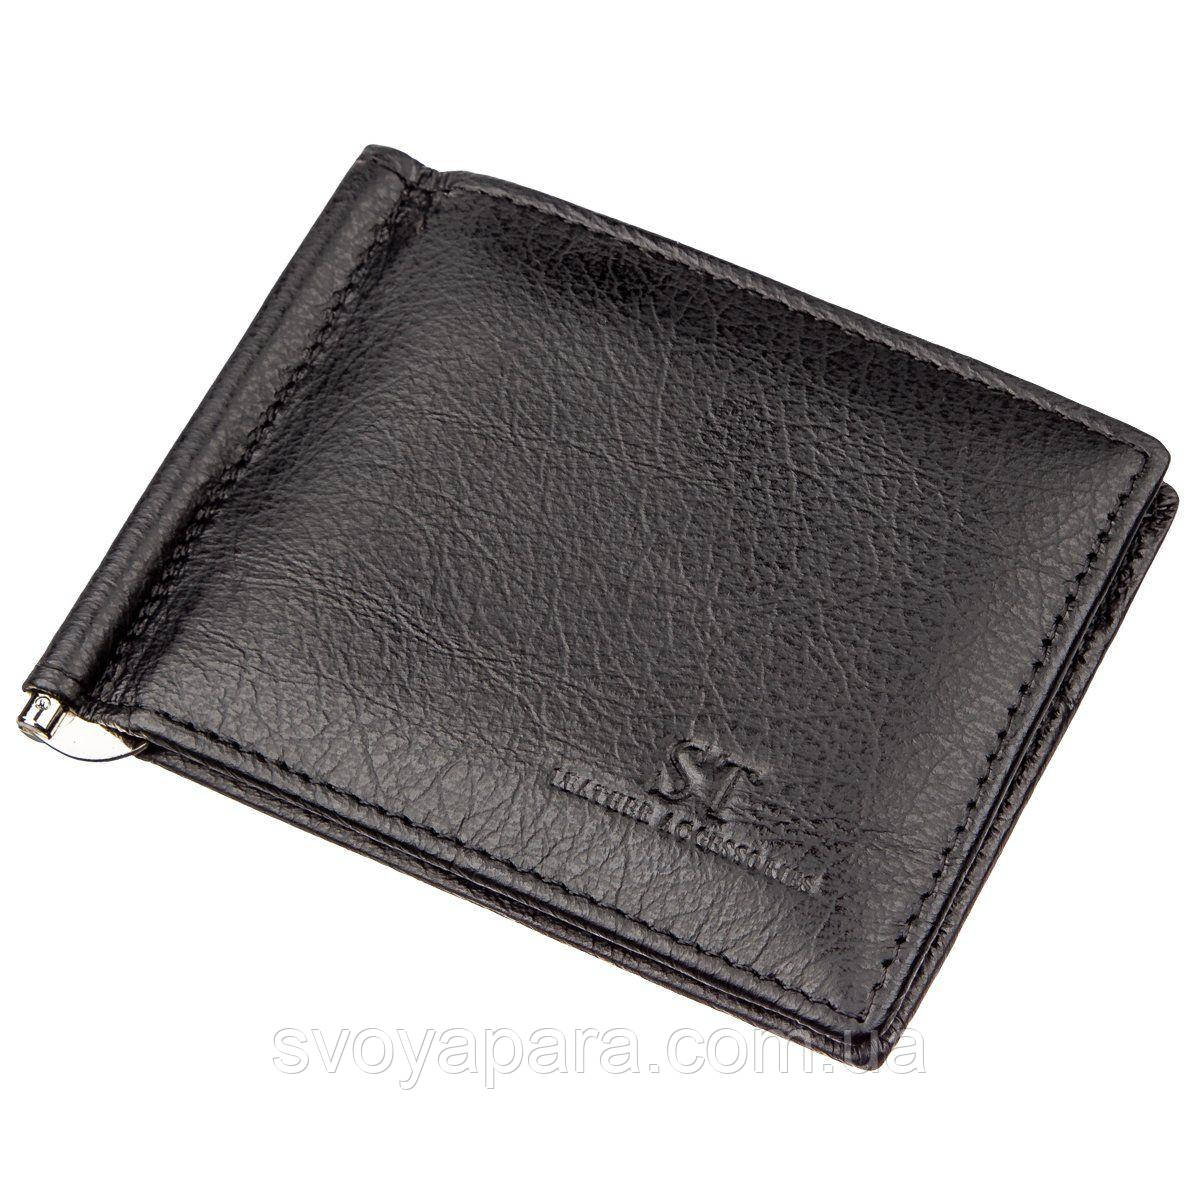 Мужской зажим для денег на магните ST Leather 18945 Черный